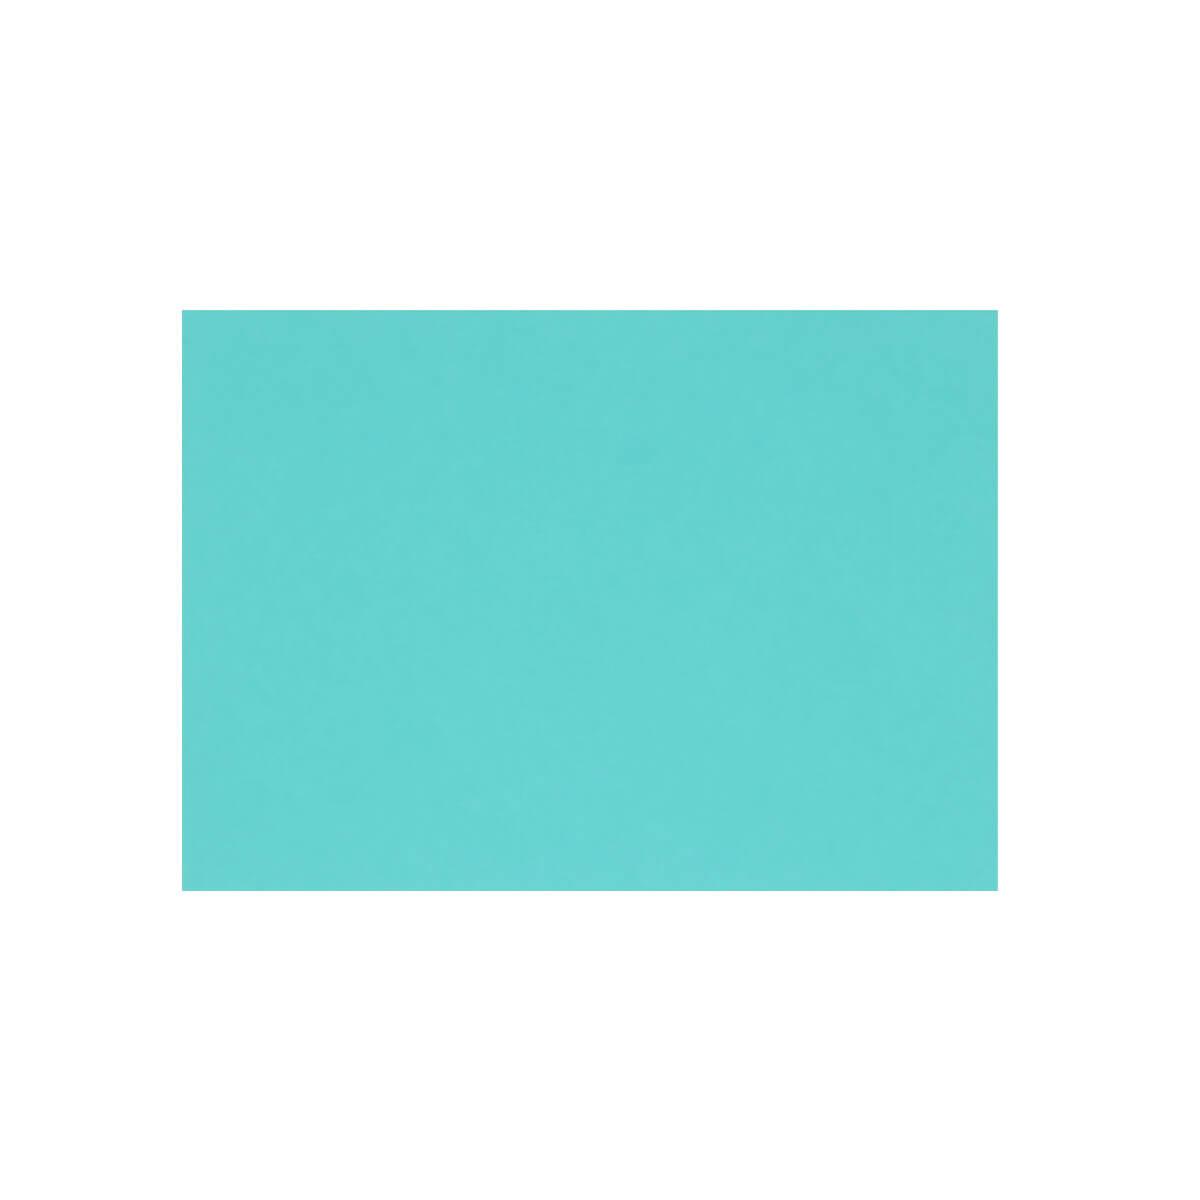 ROBIN EGG BLUE 125 x 175mm ENVELOPES